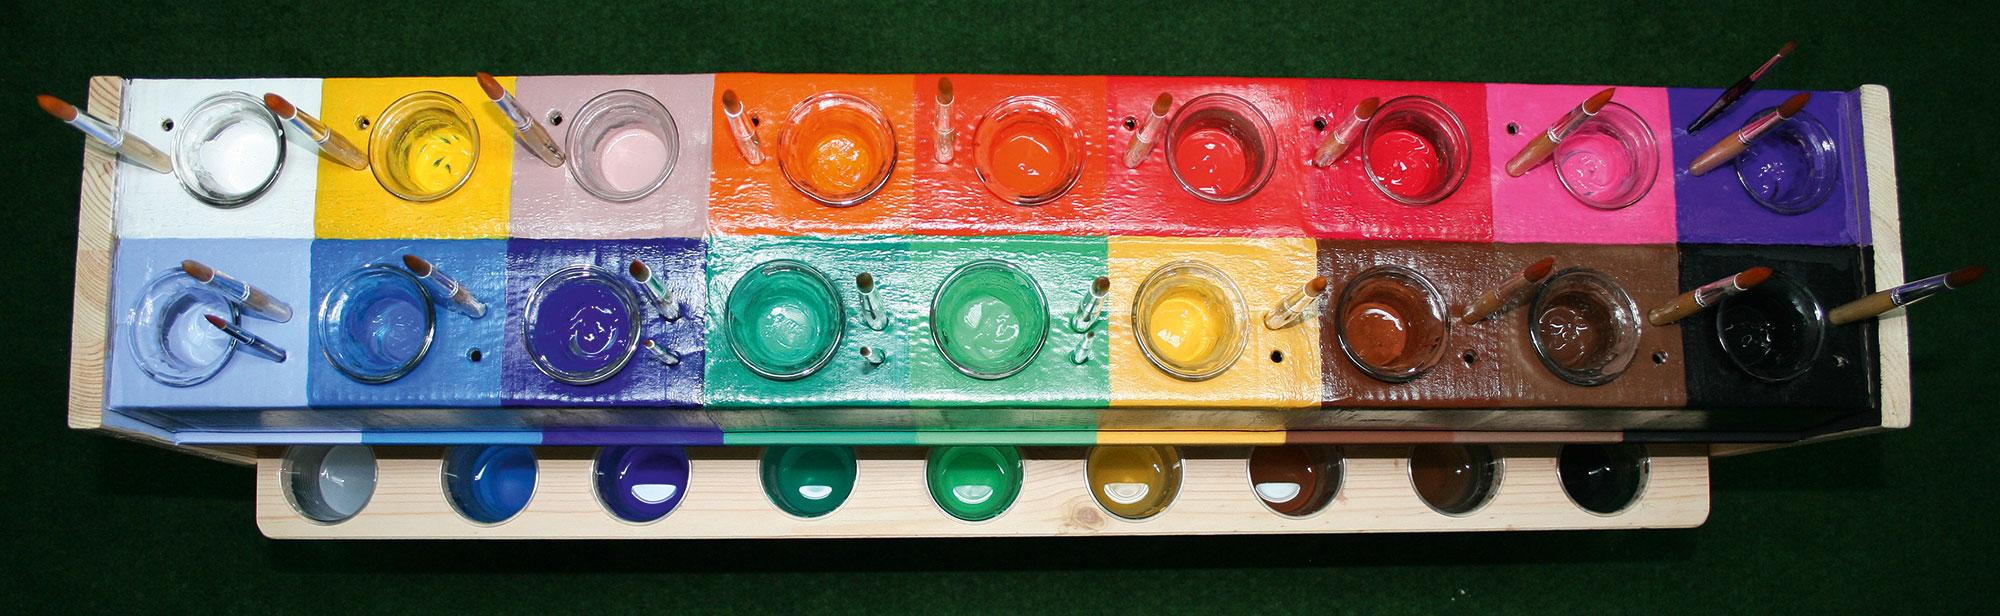 Maltisch / Paint palette table